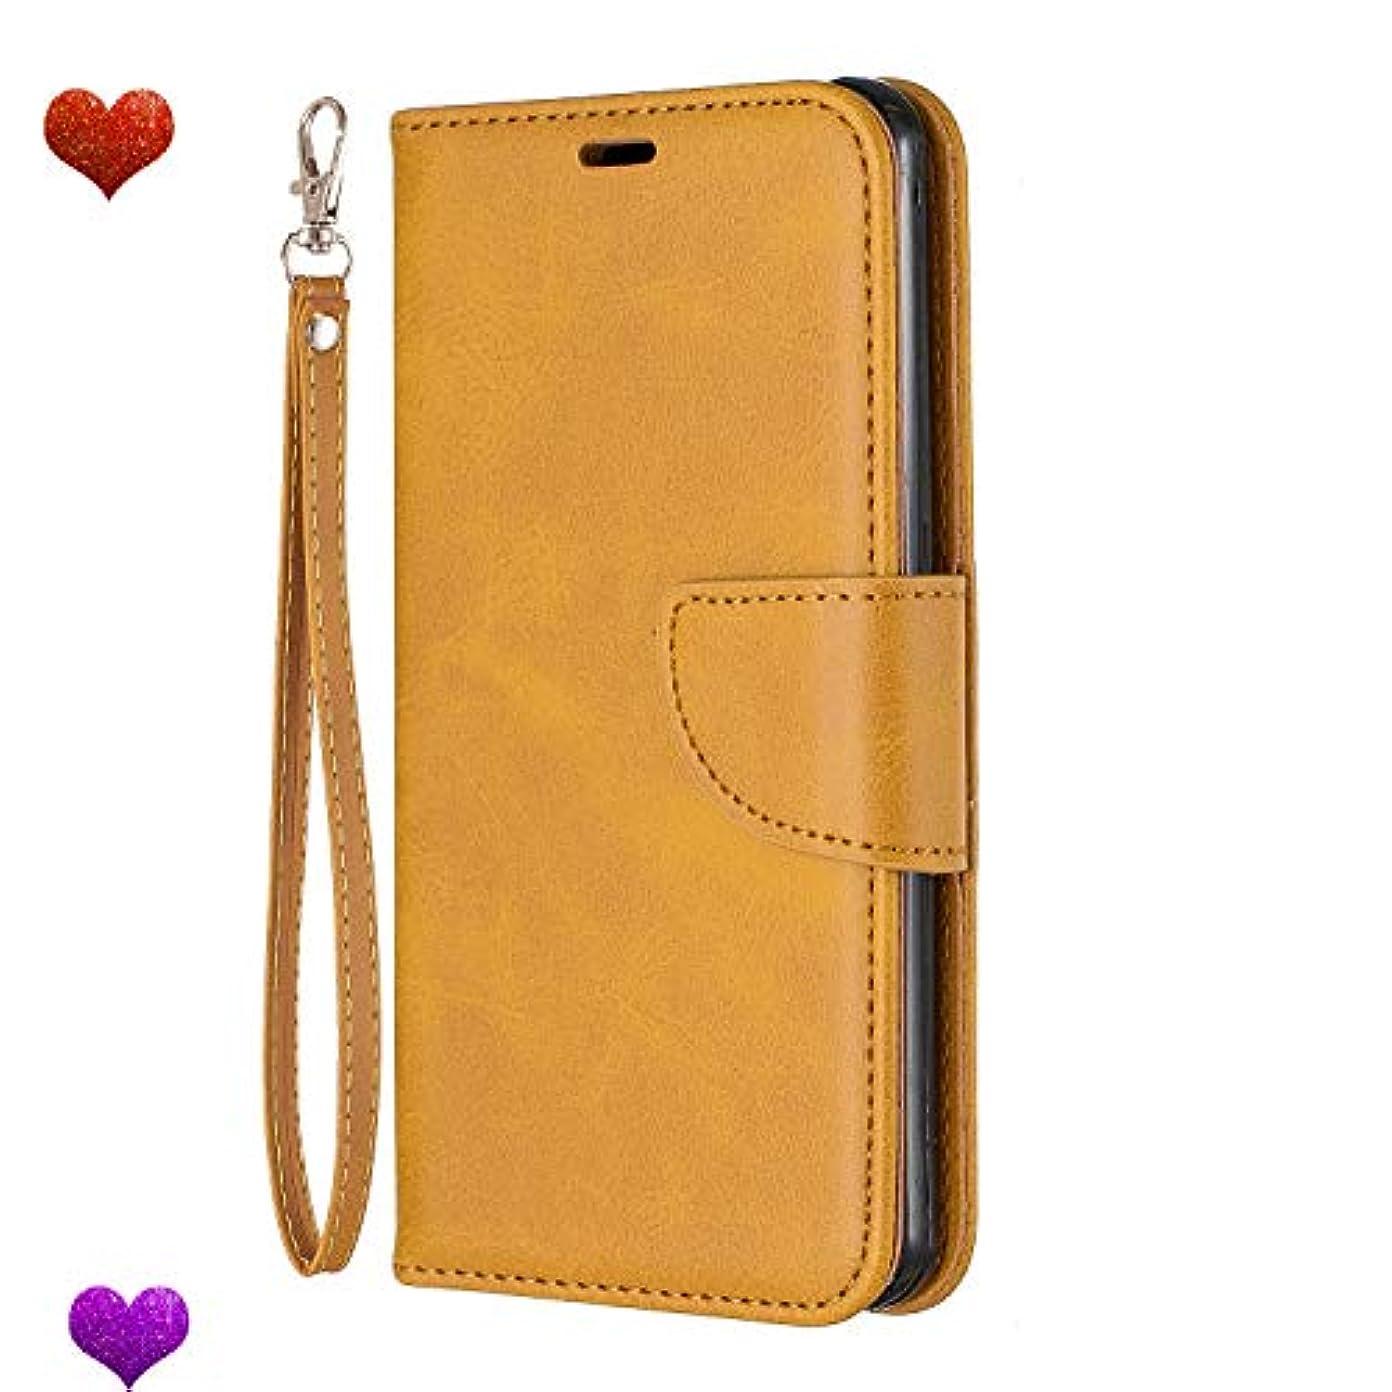 遡るプレゼン回答Samsung Galaxy A3 2017 ケース 手帳型 本革 レザー カバー 財布型 スタンド機能 カードポケット 耐摩擦 耐汚れ 全面保護 人気 アイフォン